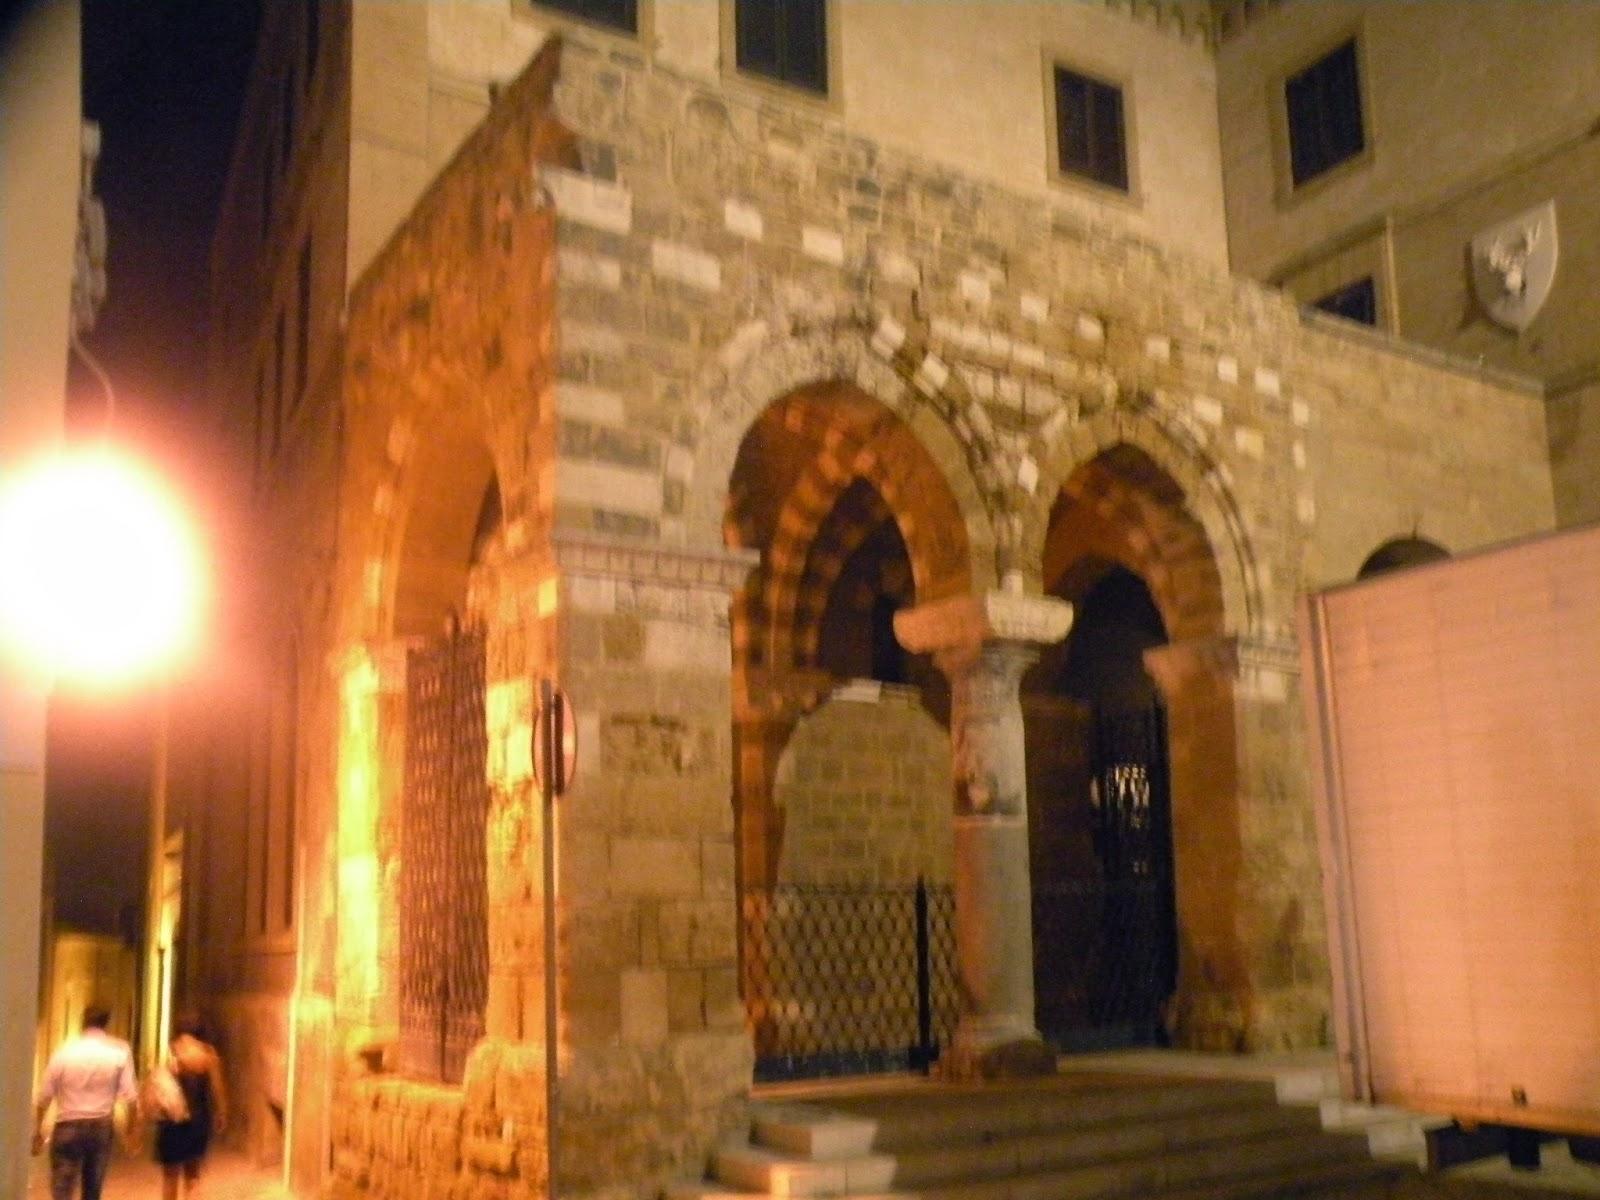 Quello che a Brindisi ¨ conosciuto e Portico dei Templari si trova su un lato di piazza Duomo e rappresenta due arcate gotiche separate da una colonna di